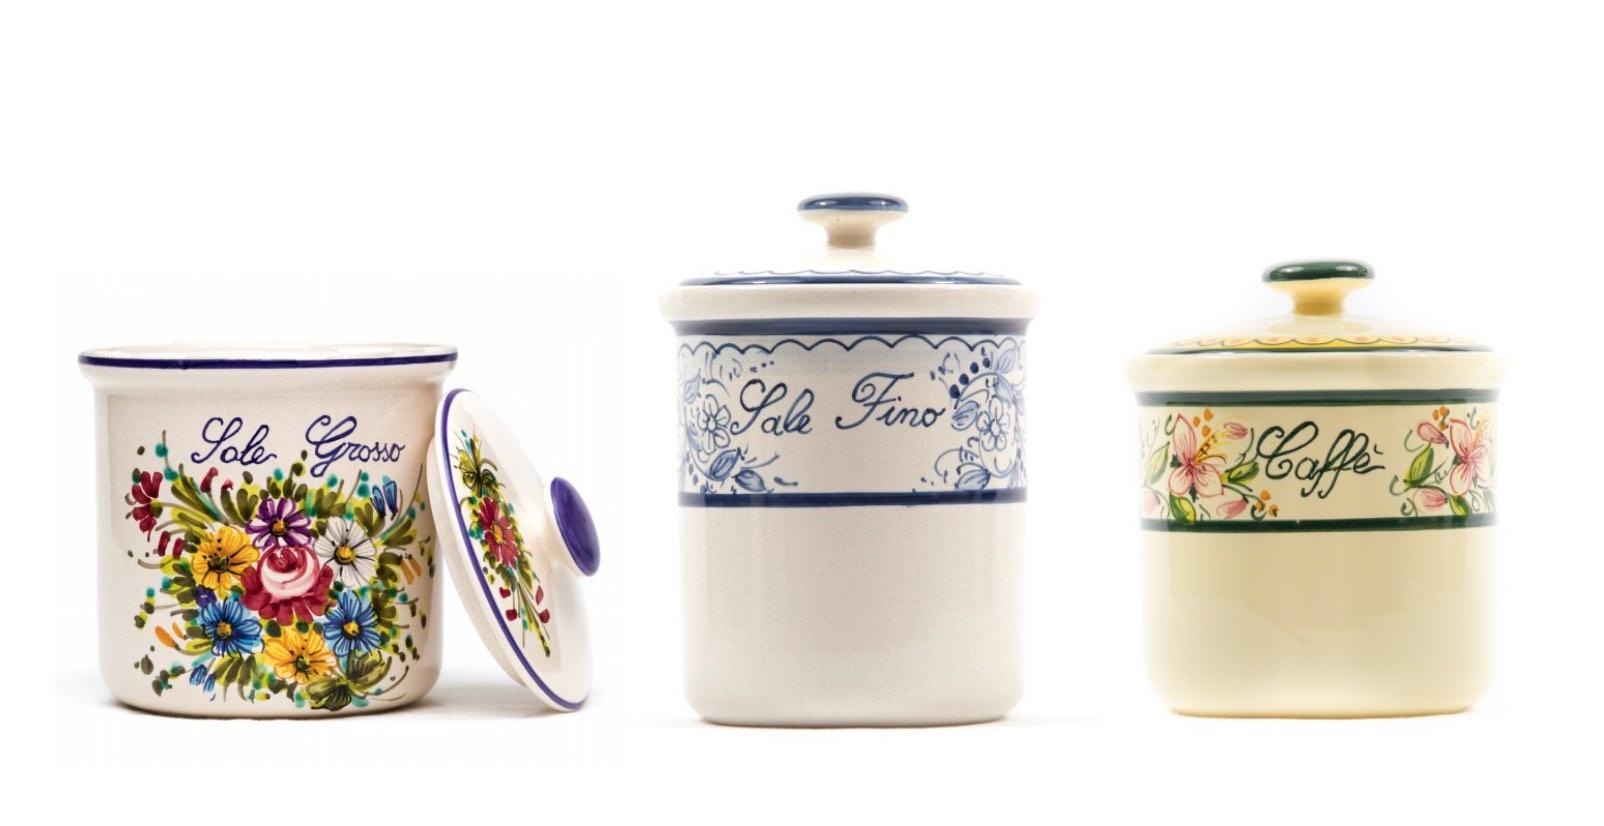 Barattoli in ceramica artigianale: modelli, decori e caratteristiche ...